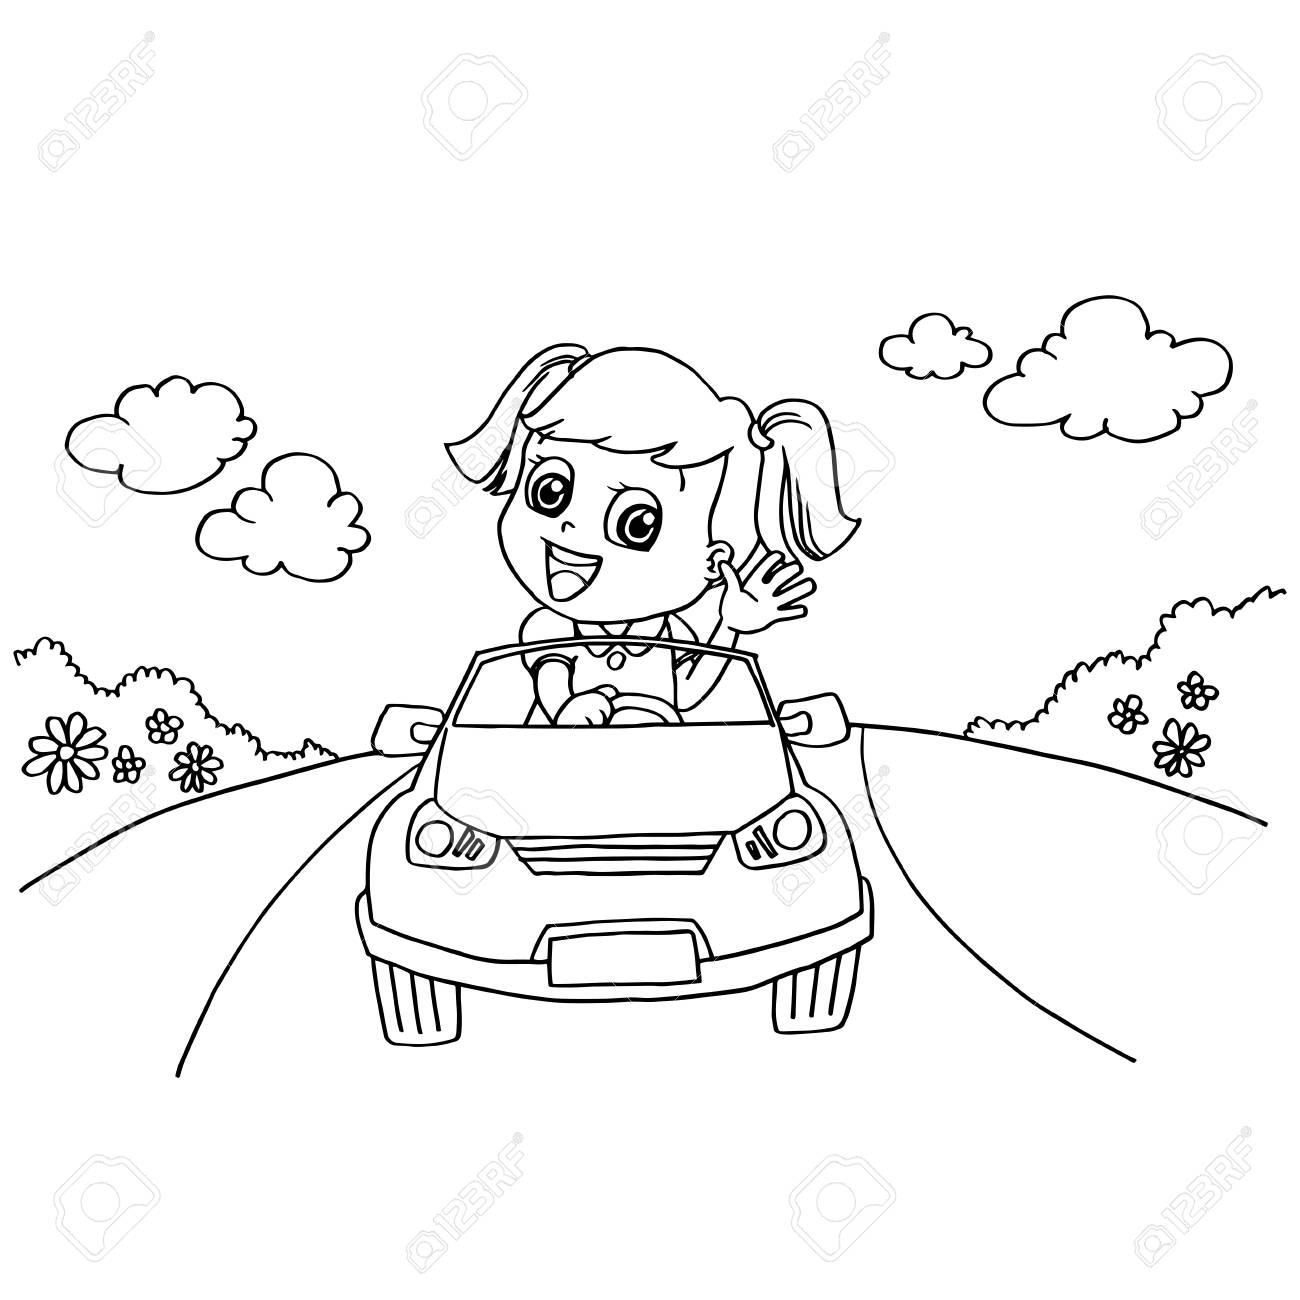 Coloriage Voiture Fille.Image De Petite Fille Conduisant Un Vecteur De Voiture De Voiture A